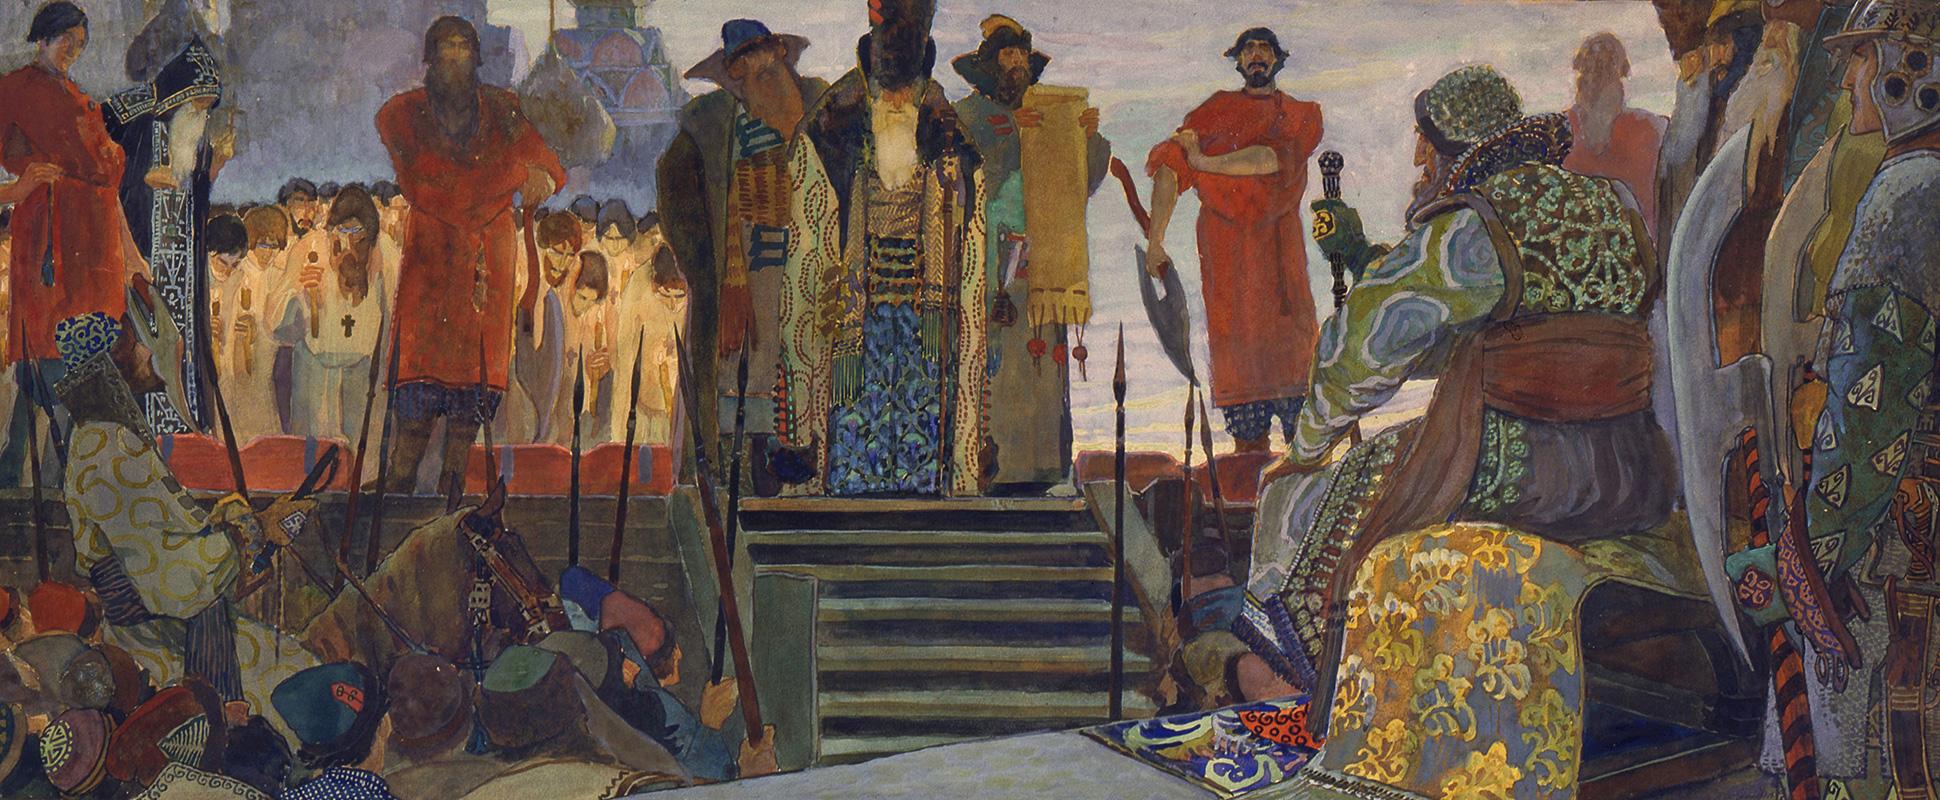 Usmrtitev bojarja med vladavino carja Ivana Groznega. Vasilij Vladimirov. 1906 / Legion Media